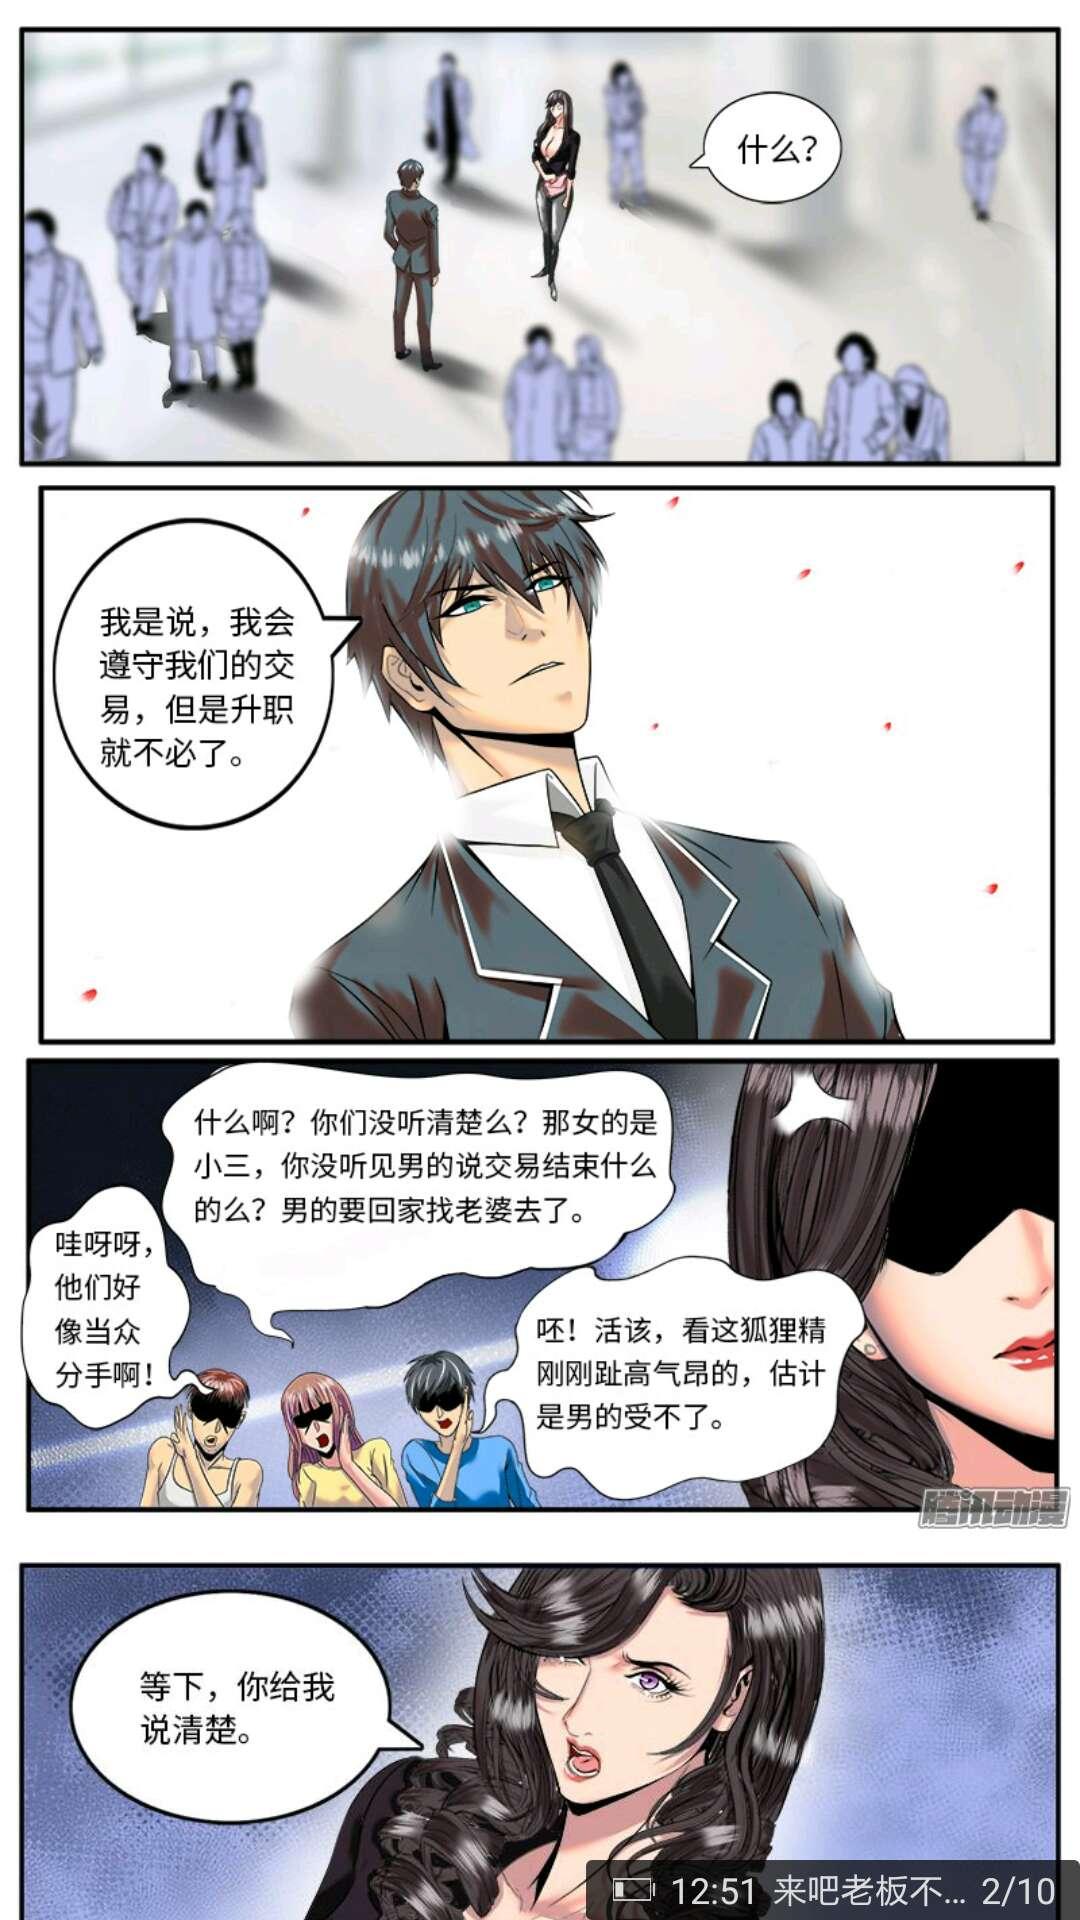 【漫画】一部好看的后宫漫画-小柚妹站